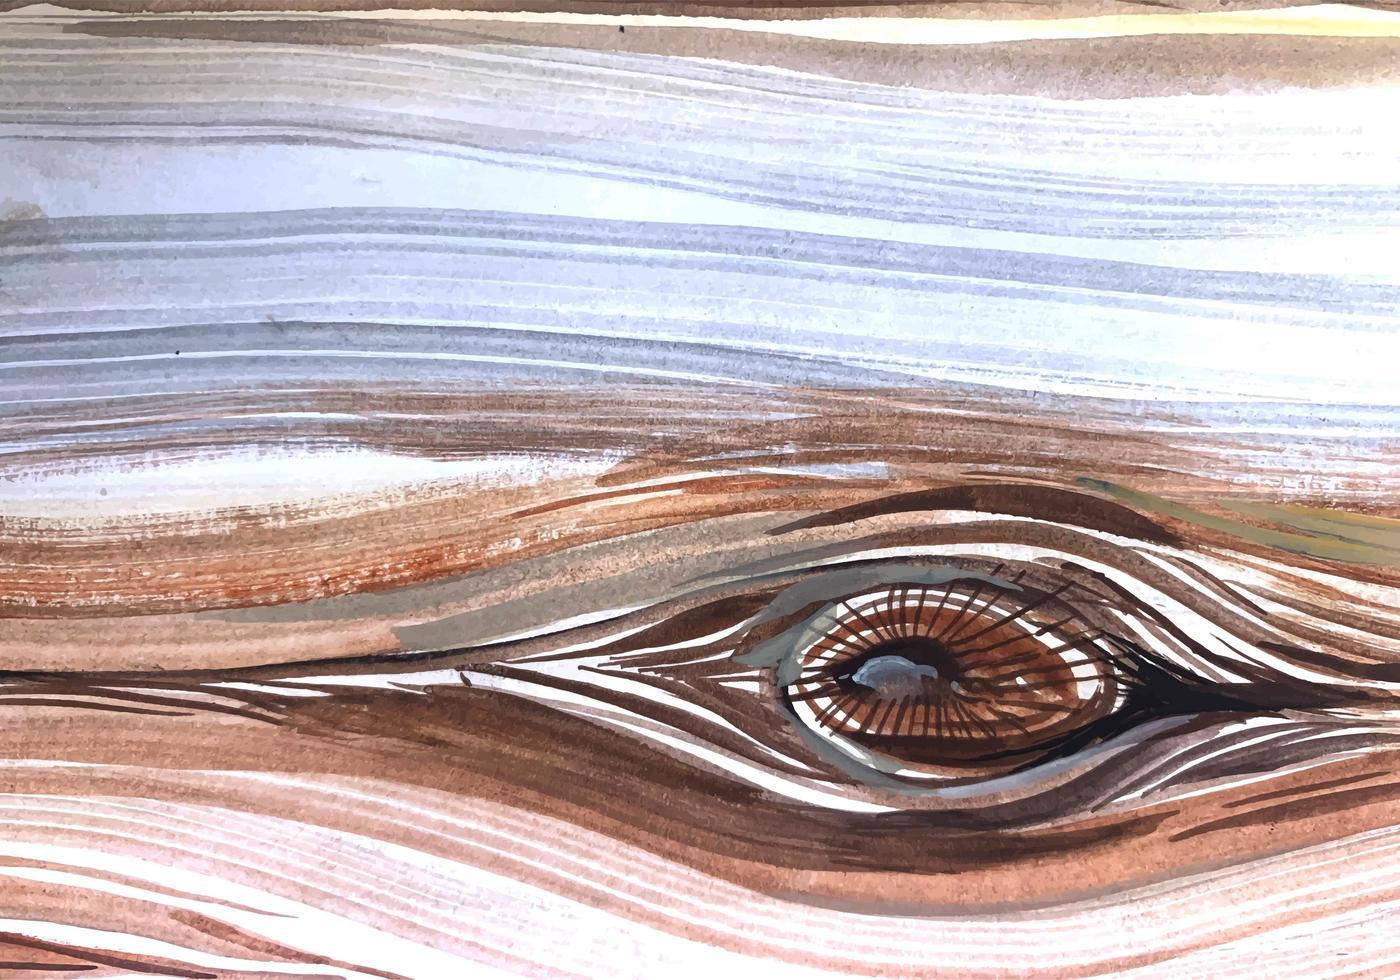 detaillierte Aquarellknoten-Holzstruktur vektor